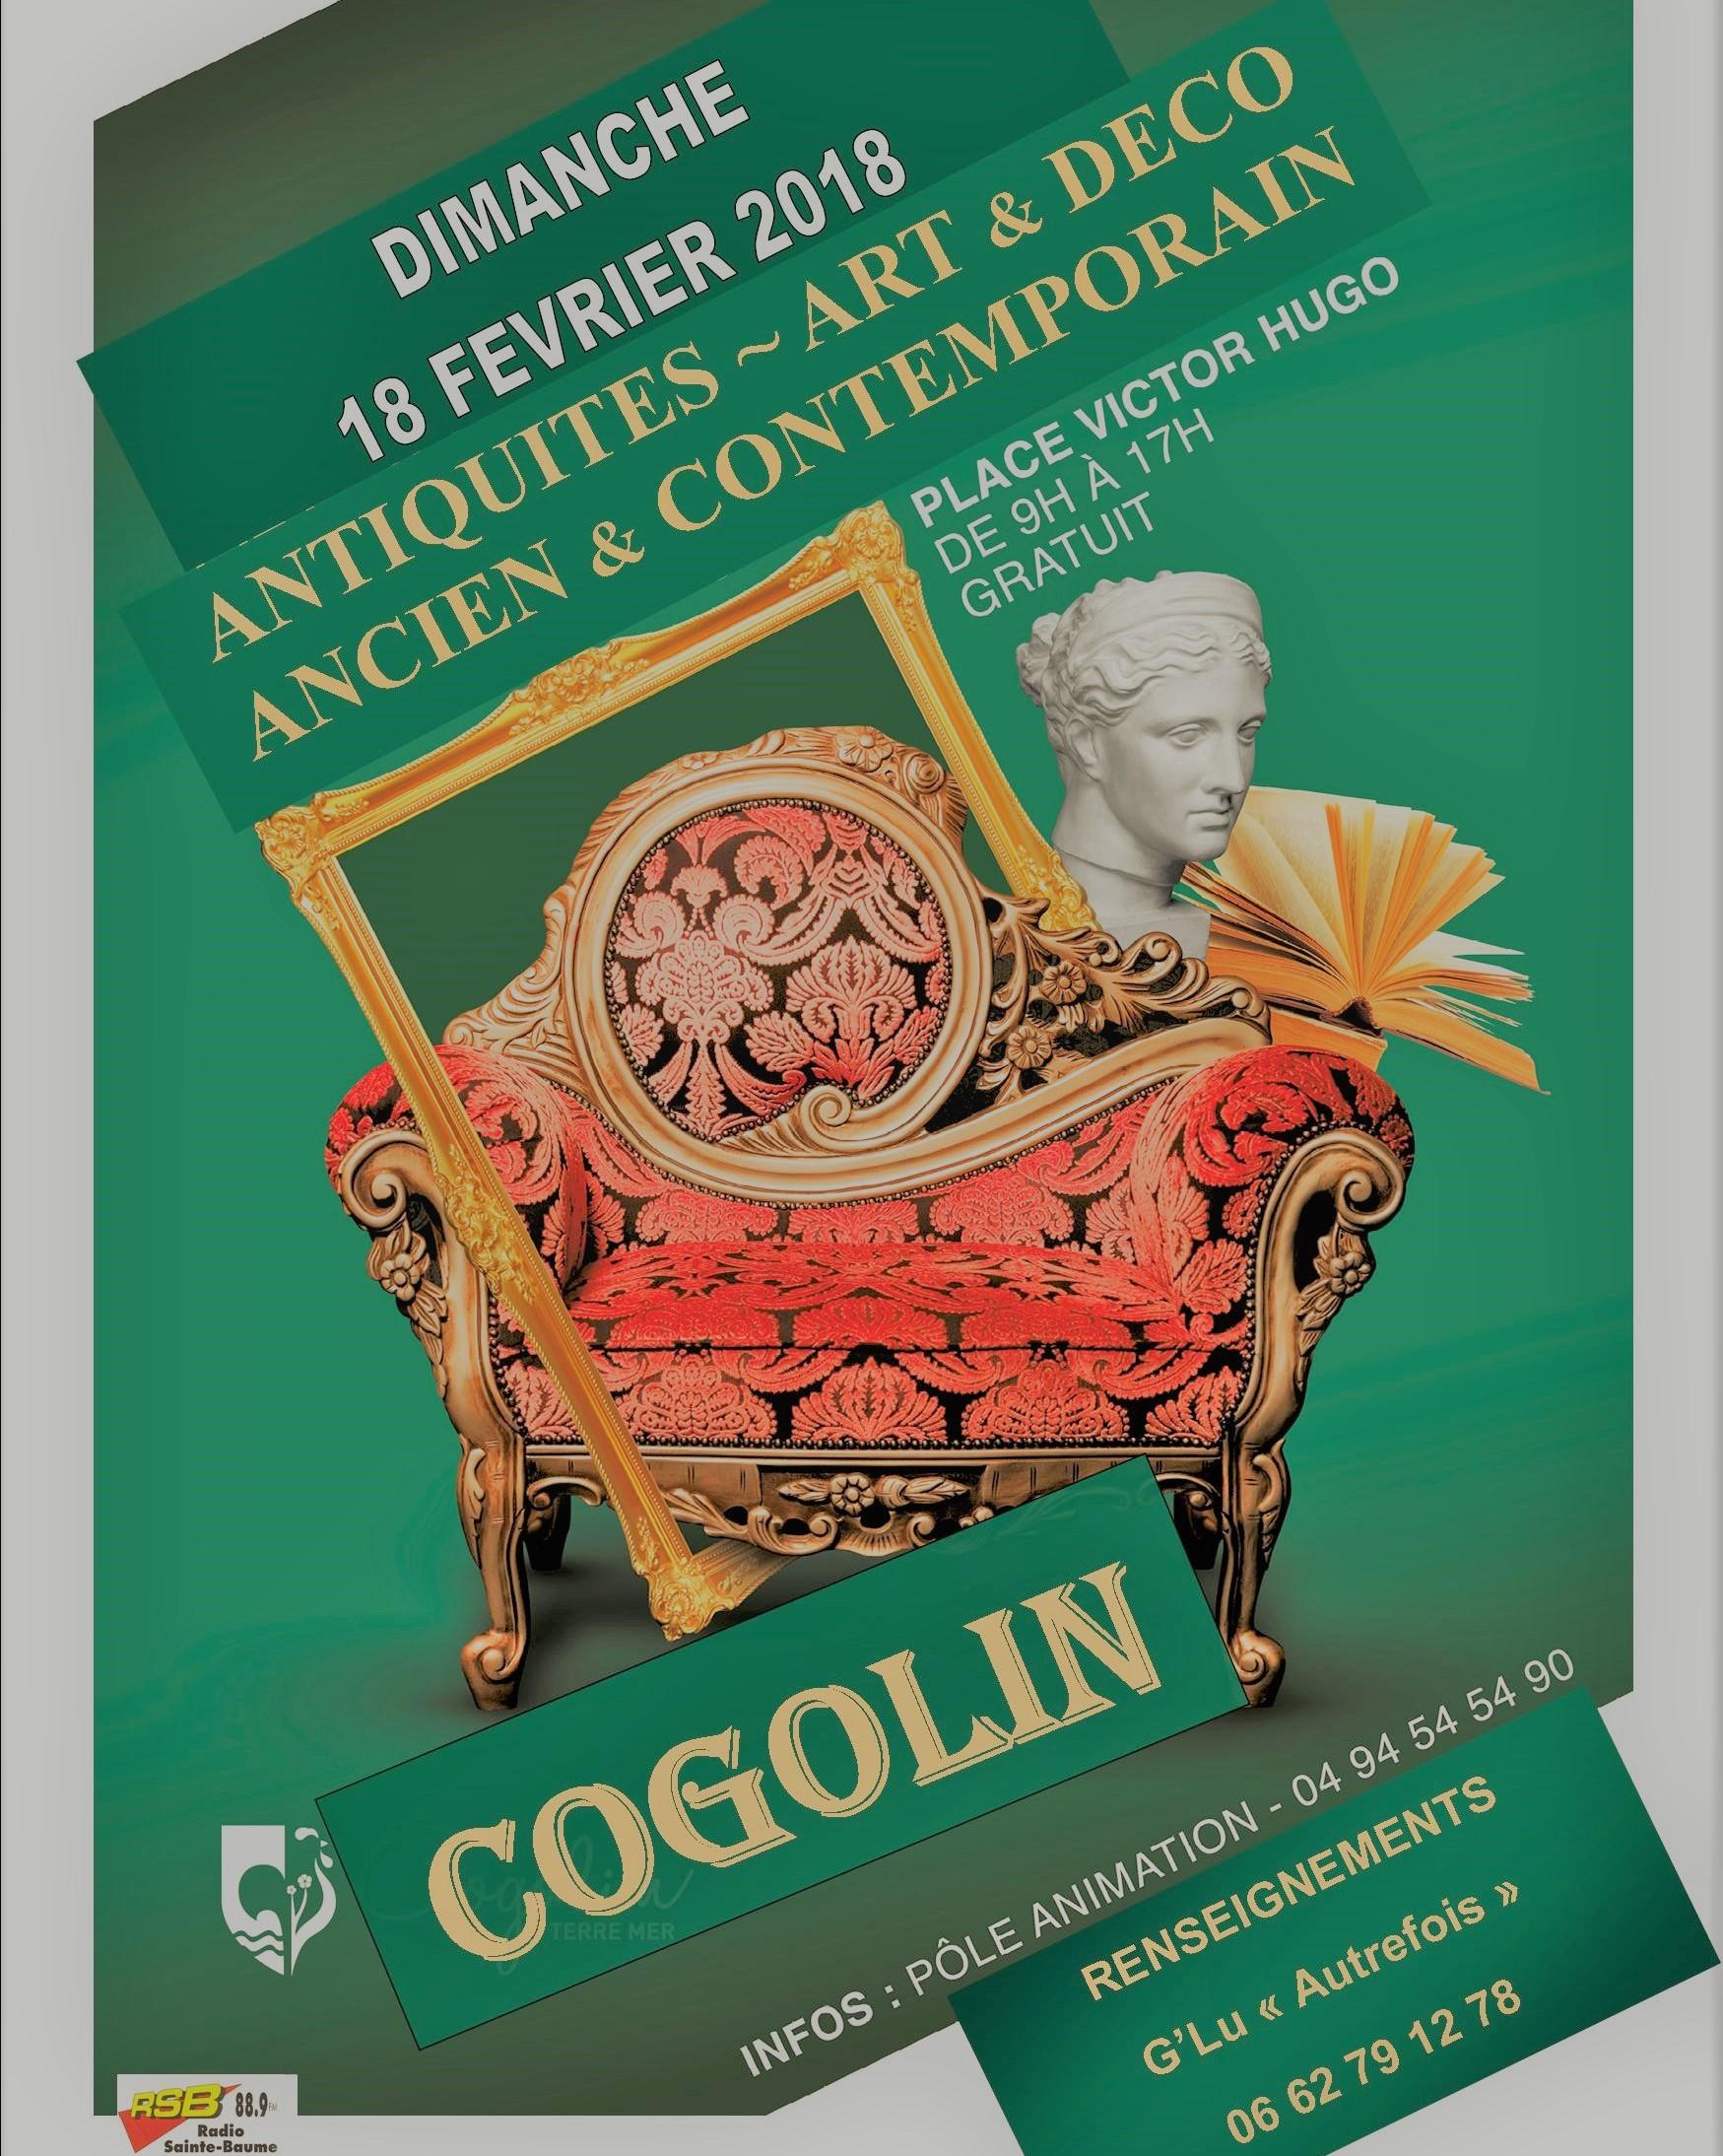 Salon antiquites art deco ancien et cont cogolin le 18 02 for Art et decoration salon